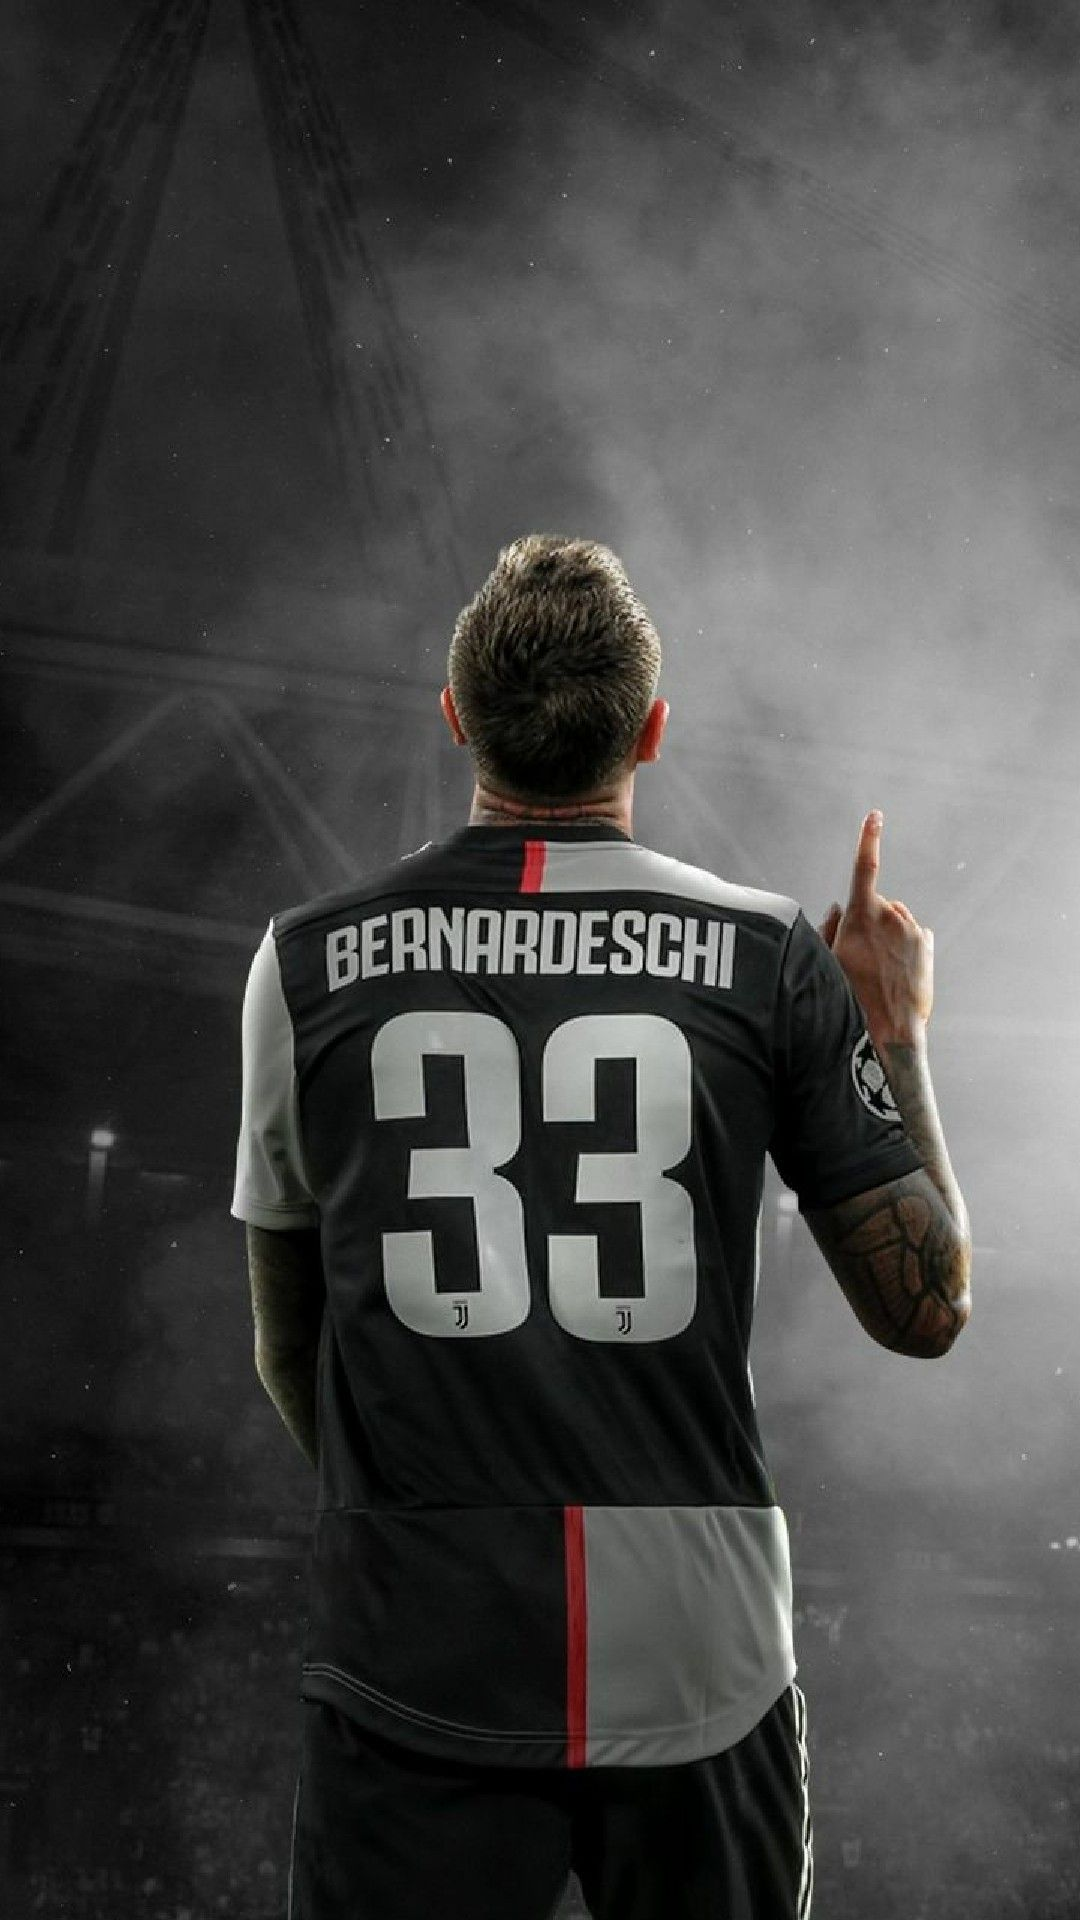 Federico Bernardeschi 🇮🇹 Juventus, Calciatori, Calcio